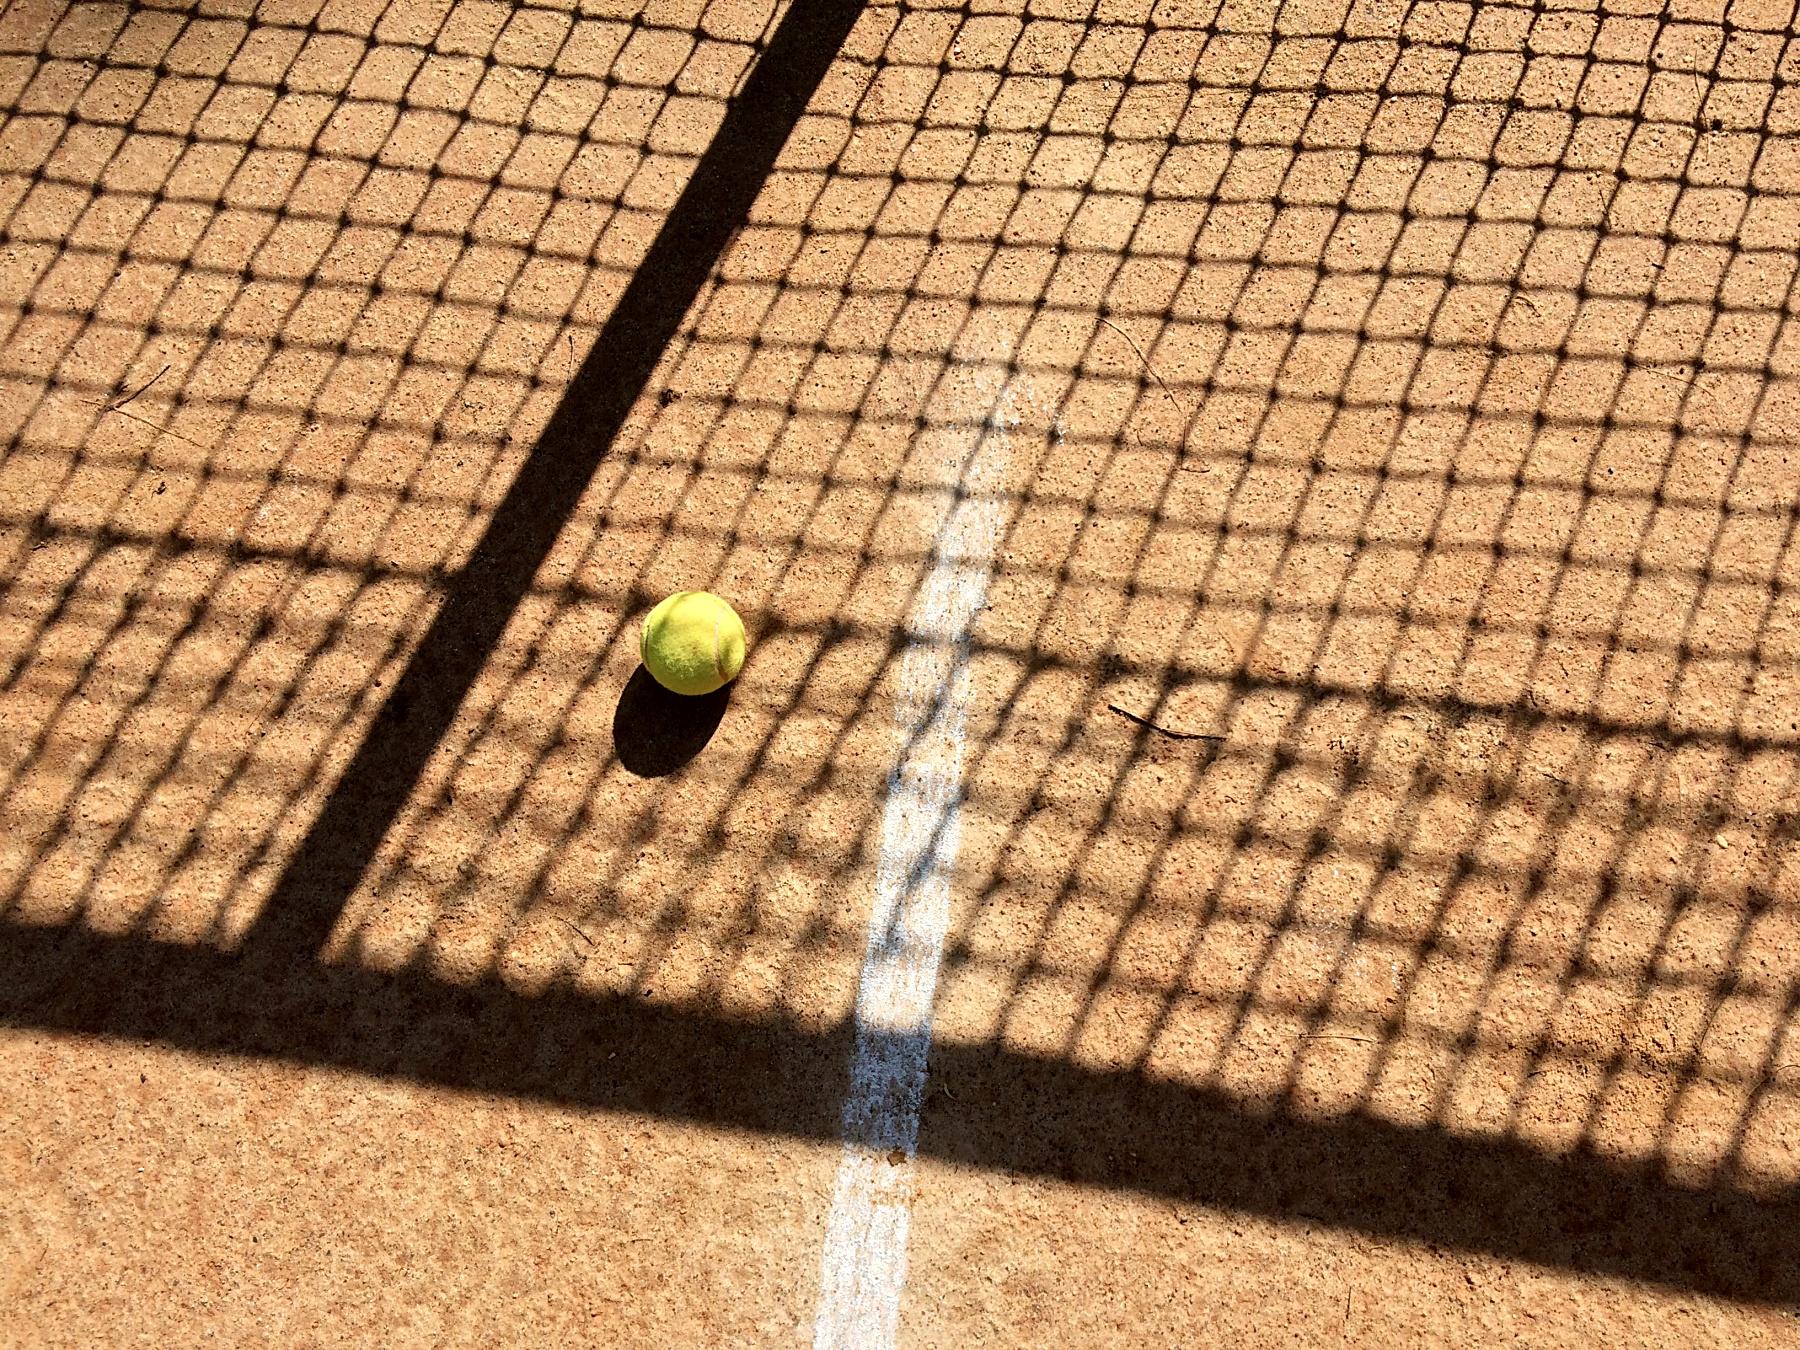 오늘의 팡팡 테니스 - 연습 일지, 그리고 테니스 ...